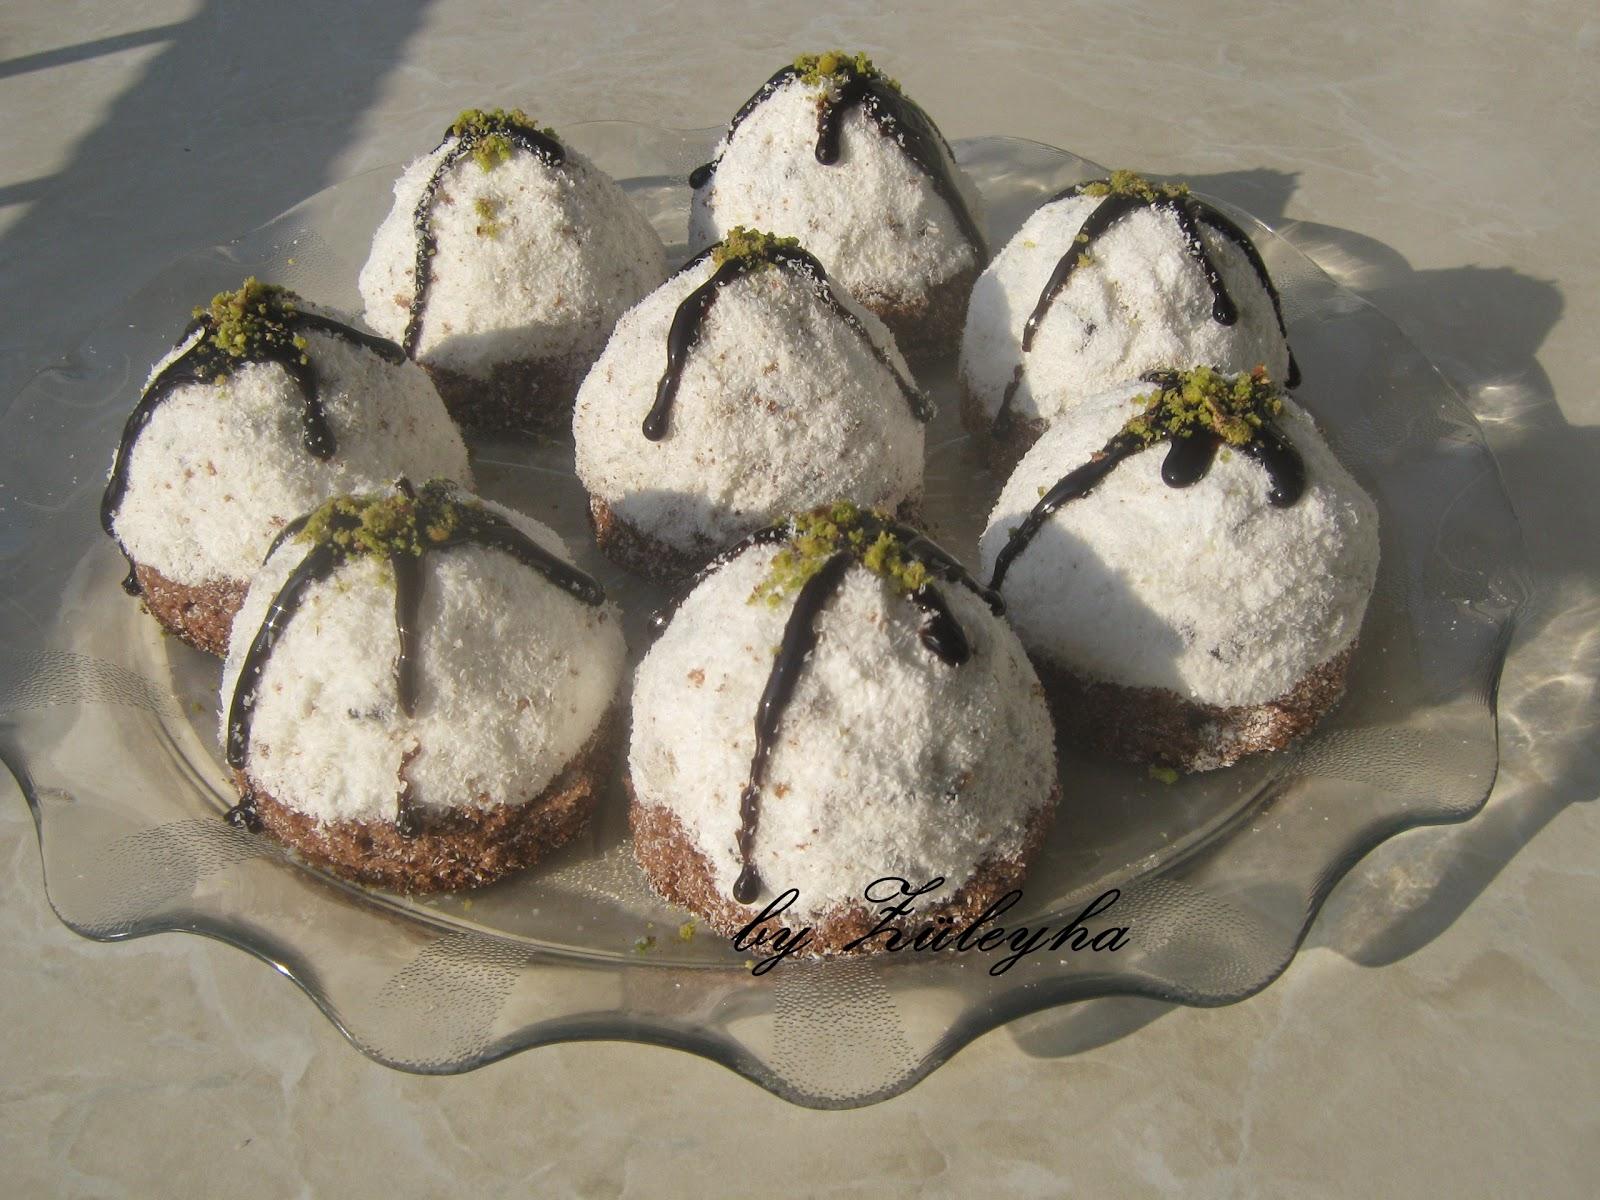 Hindistan cevizli köstebek pasta,köstebek pasta,pasta,muzlu,hindisyan cevizli